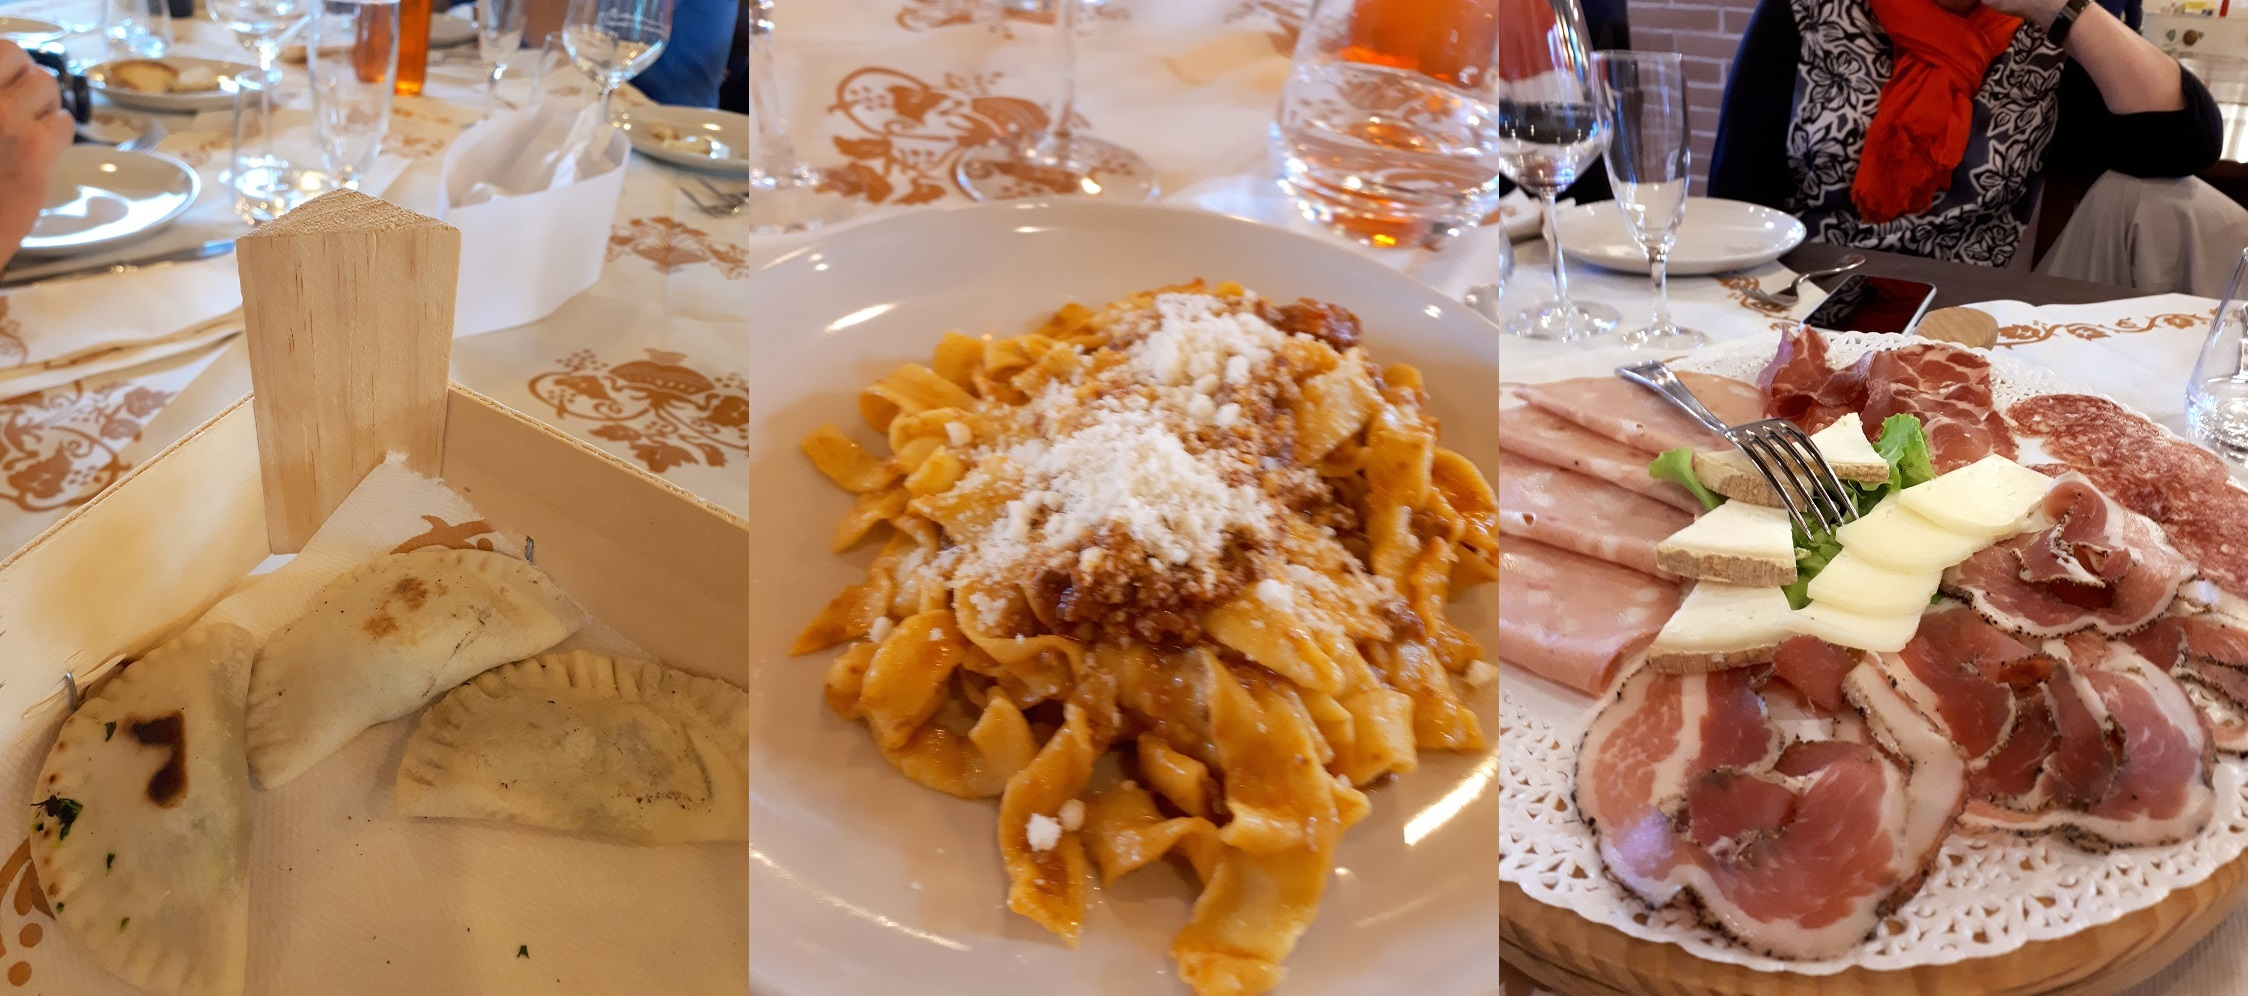 middagmaal deel 1 in de collina del poeti